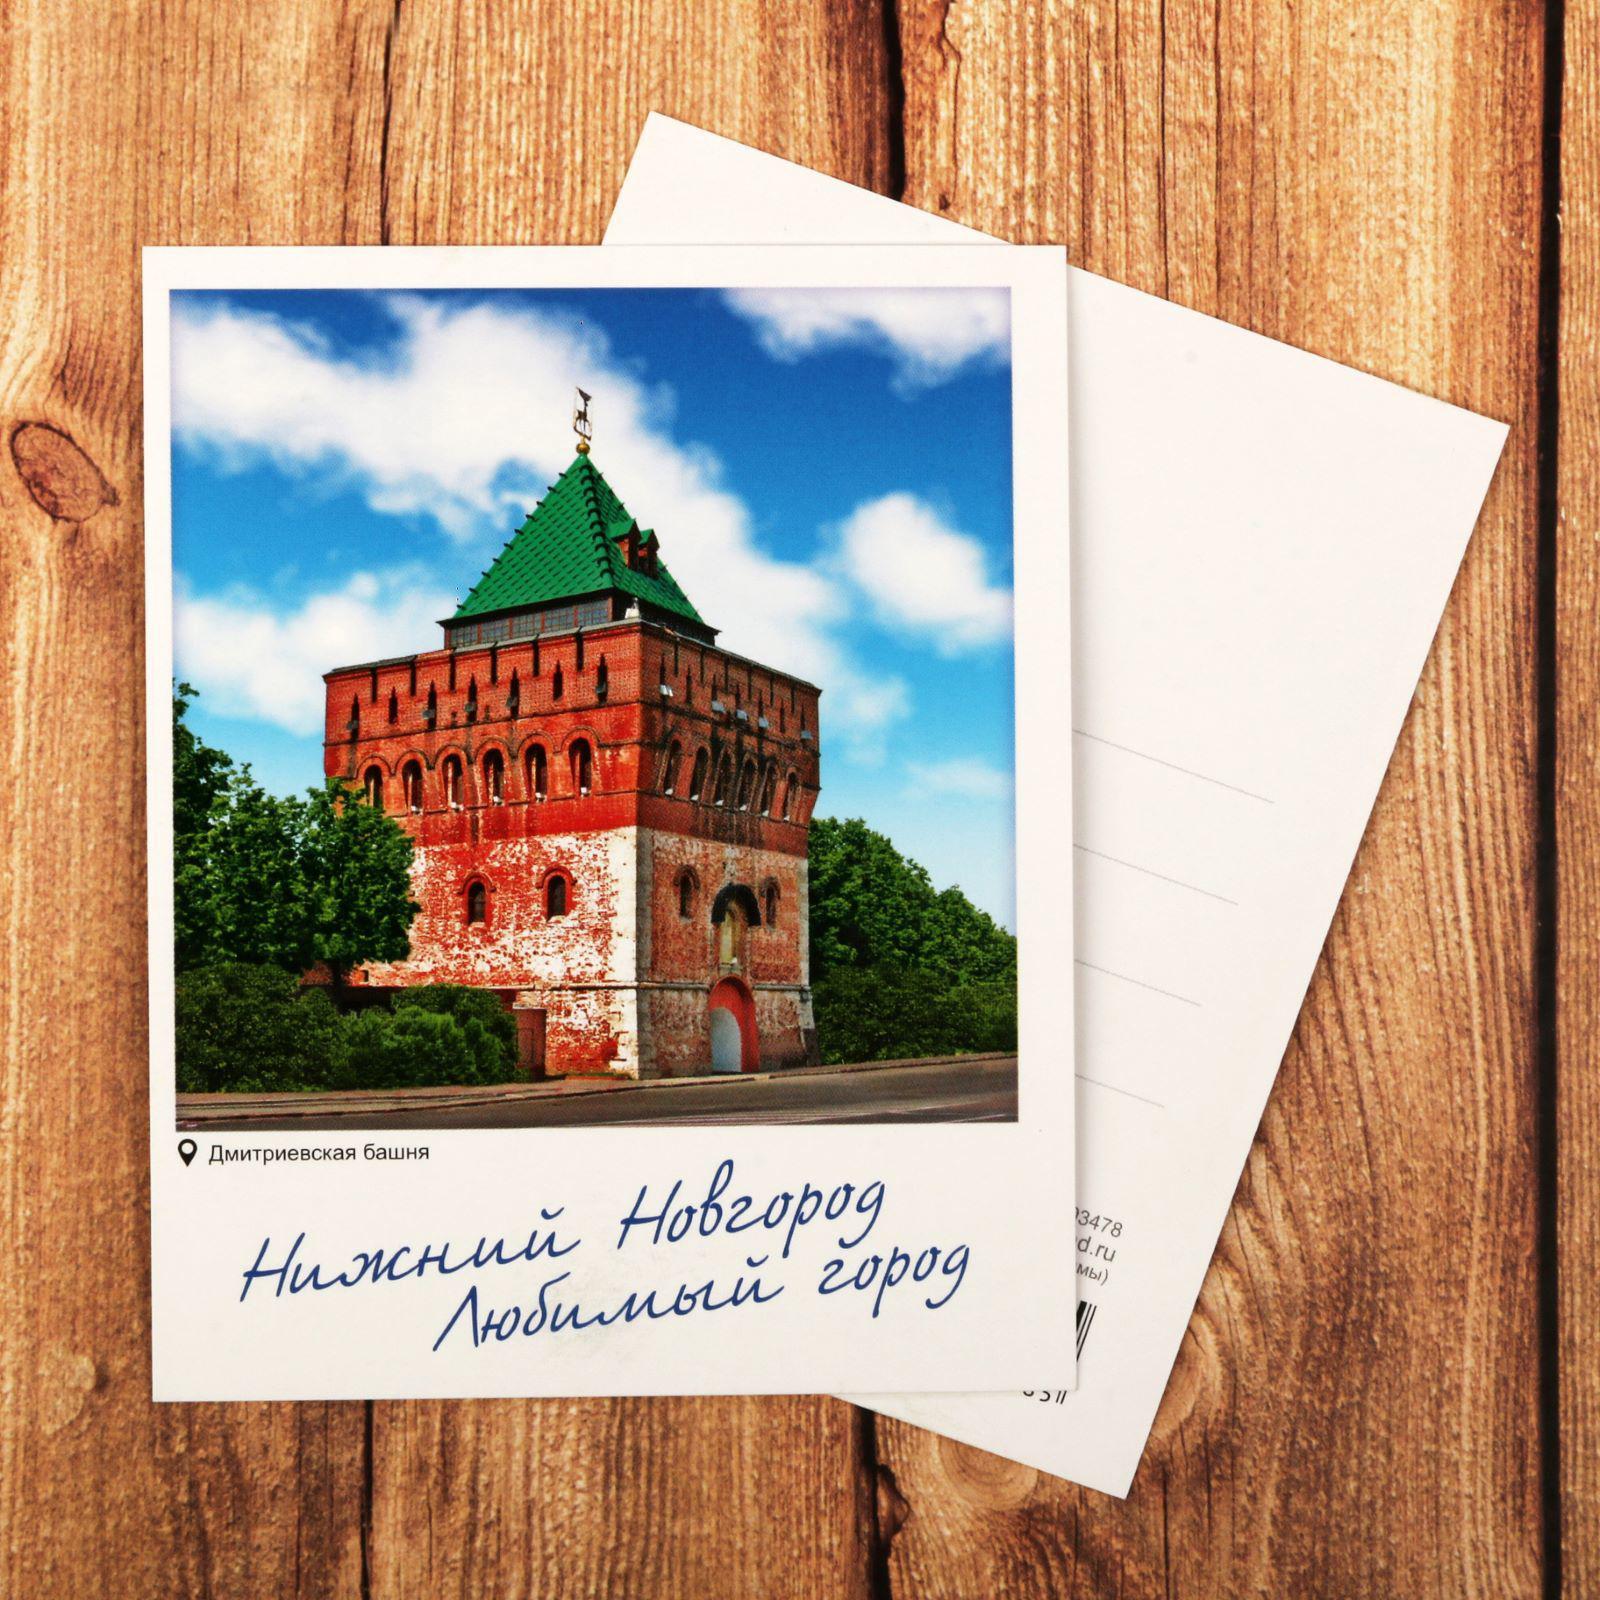 Магазин открыток в нижнем новгороде, сабантуй добрым утром